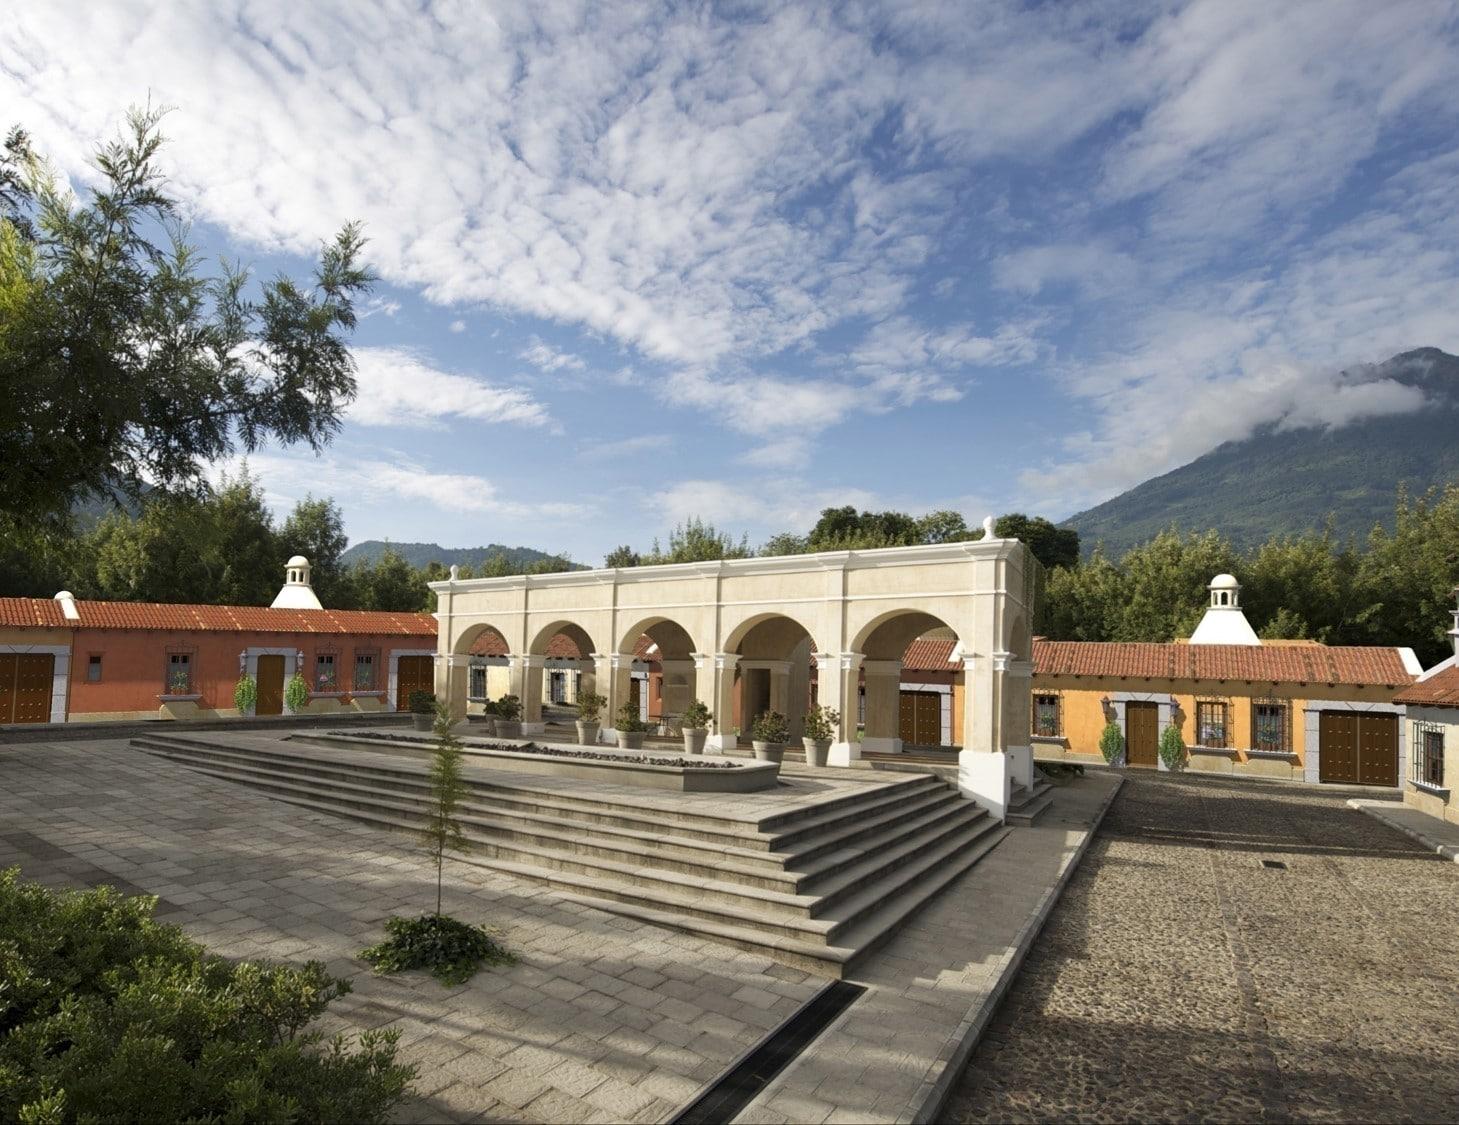 CONDADO DEL OBISPO / PALOMO & ARENAS